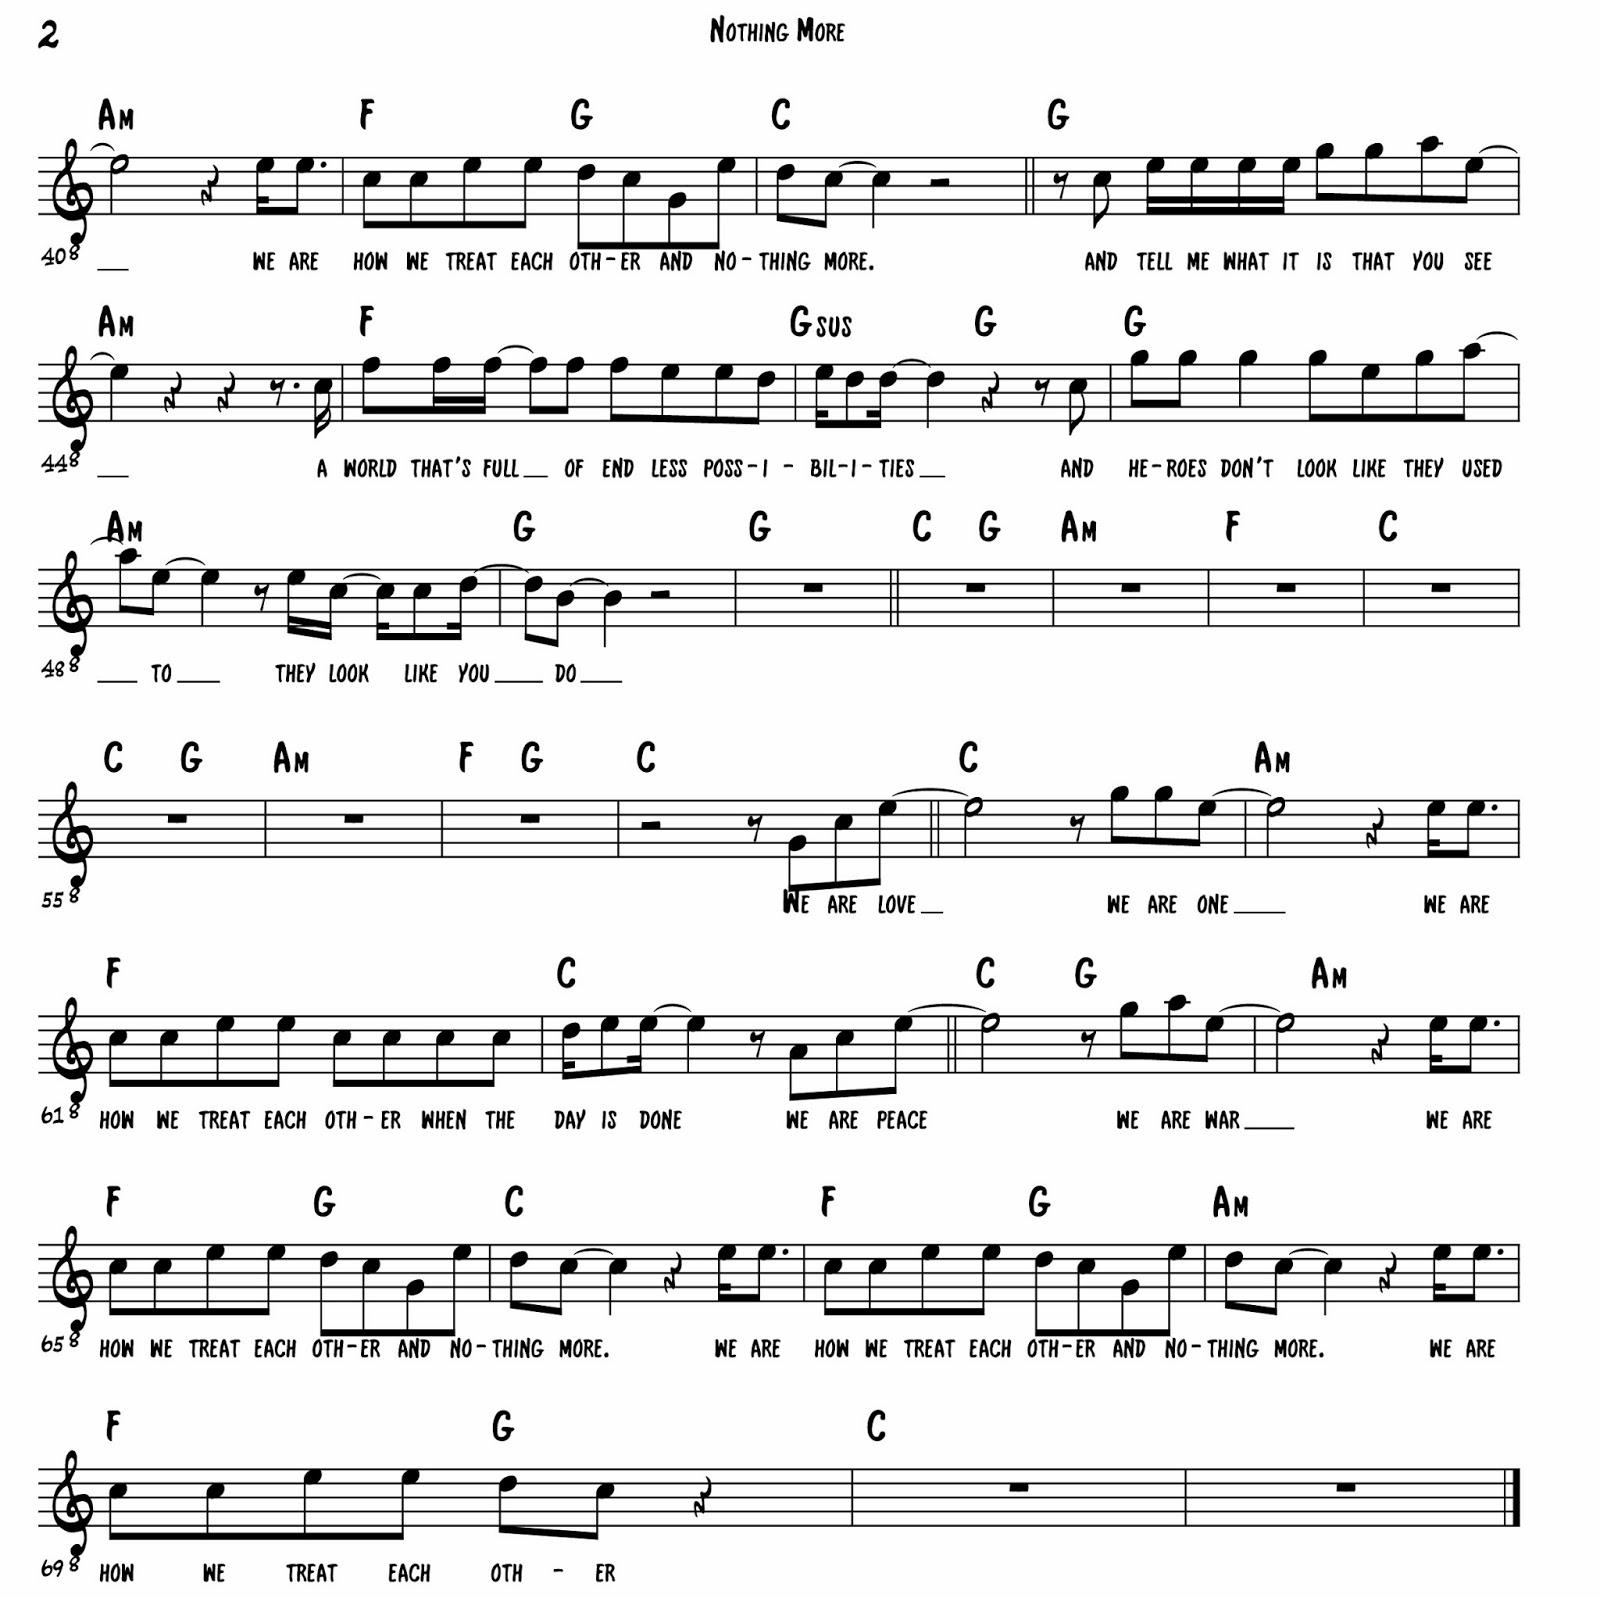 Christmas Song The Gift Lyrics: Mary's Be A GoodDog Blog: NCIS Christmas Song: December 17